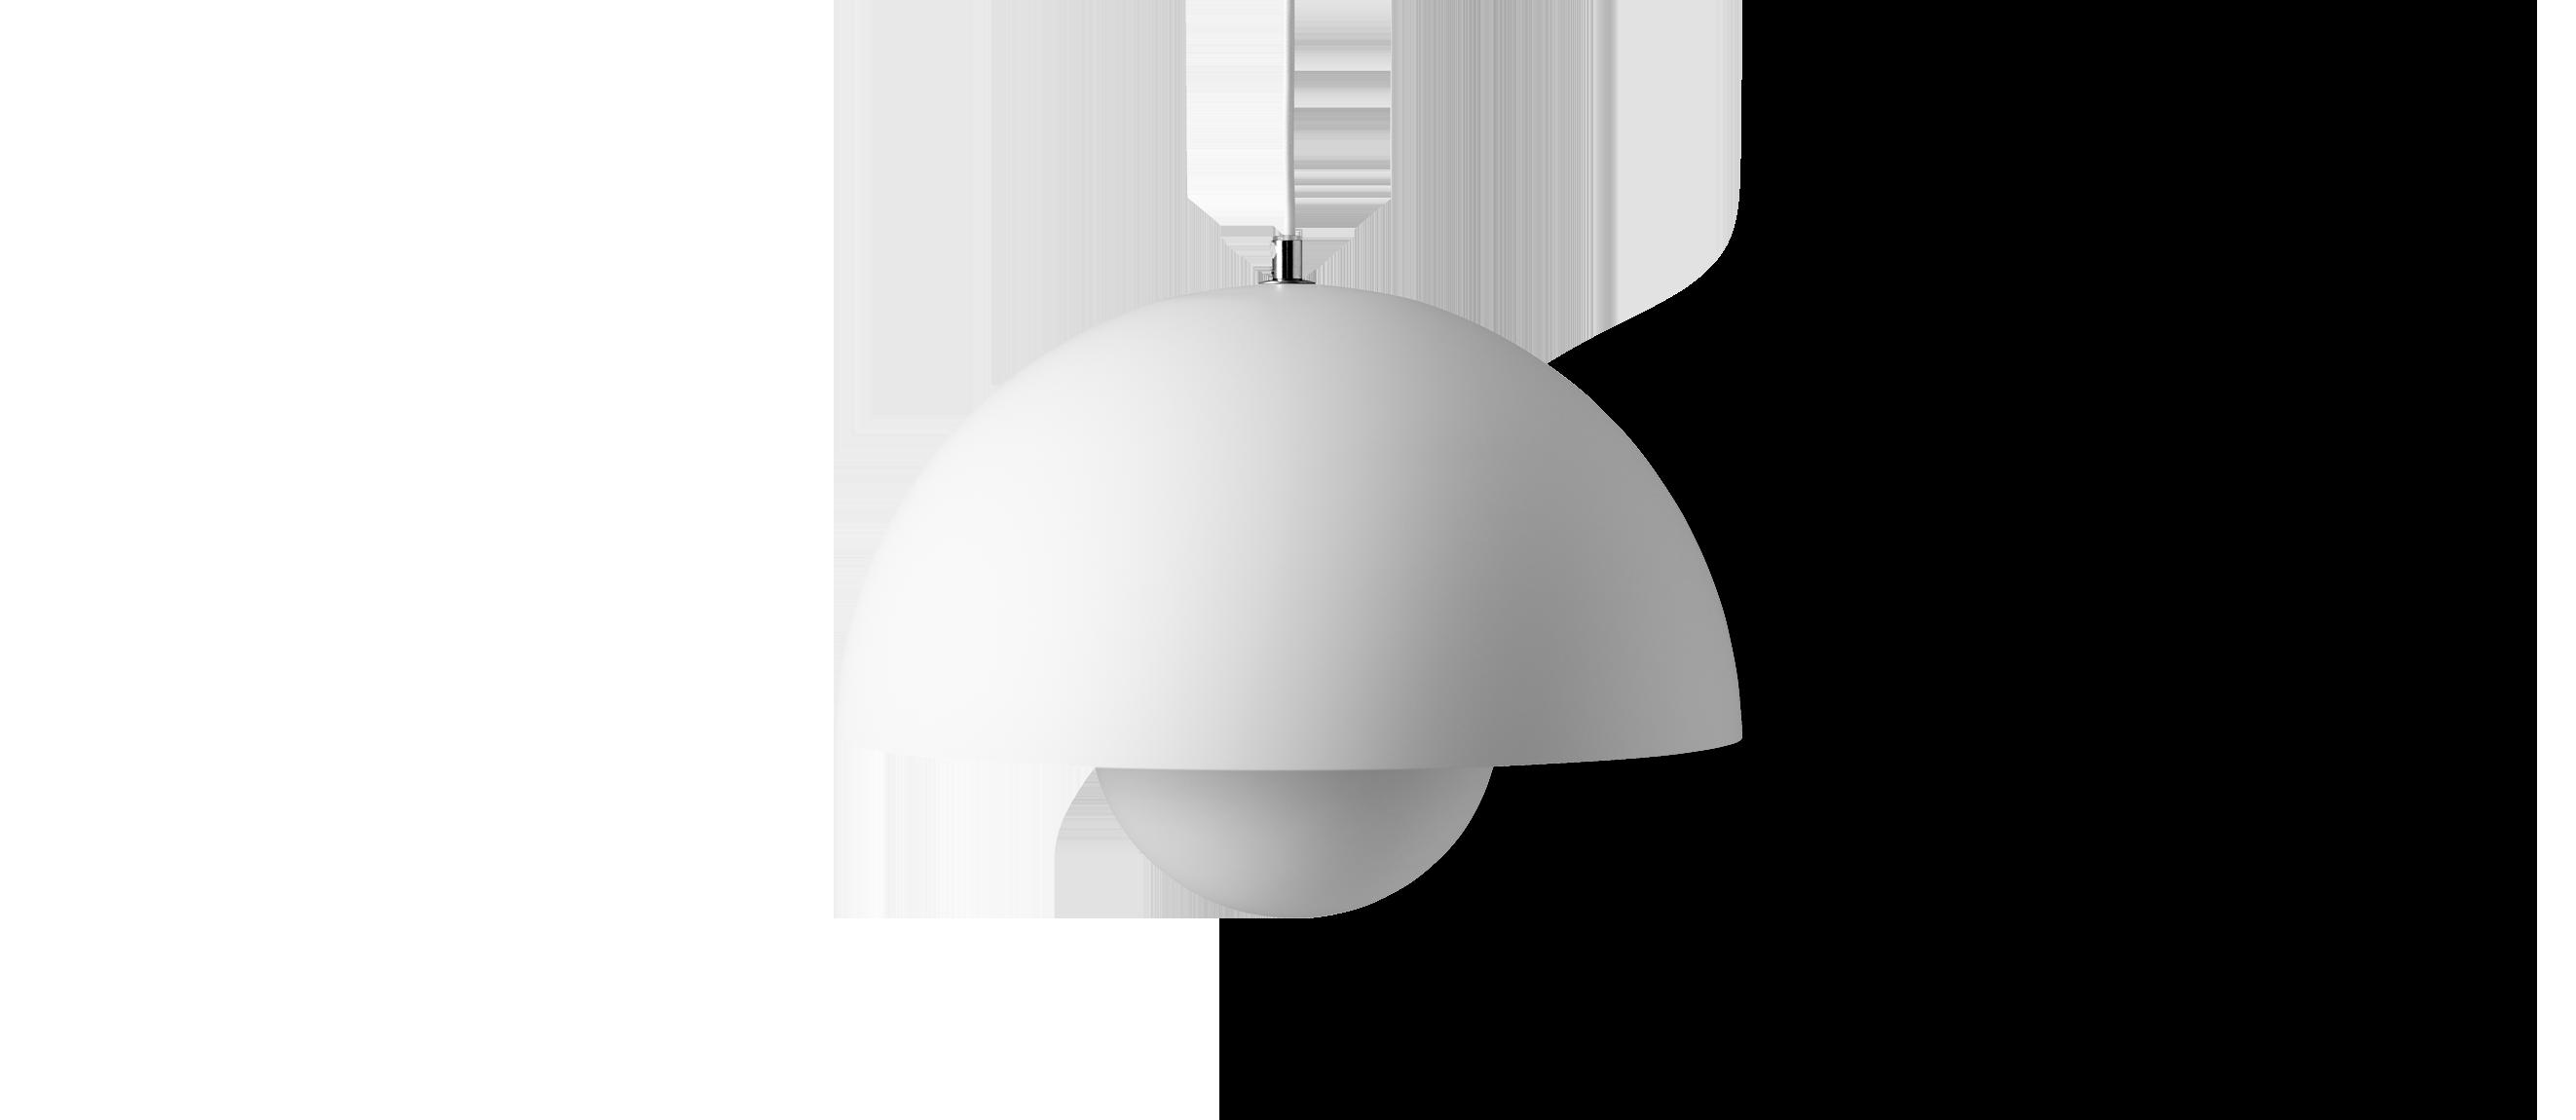 Flowerpot VP4 Bordslampa från &tradition | Olsson & Gerthel